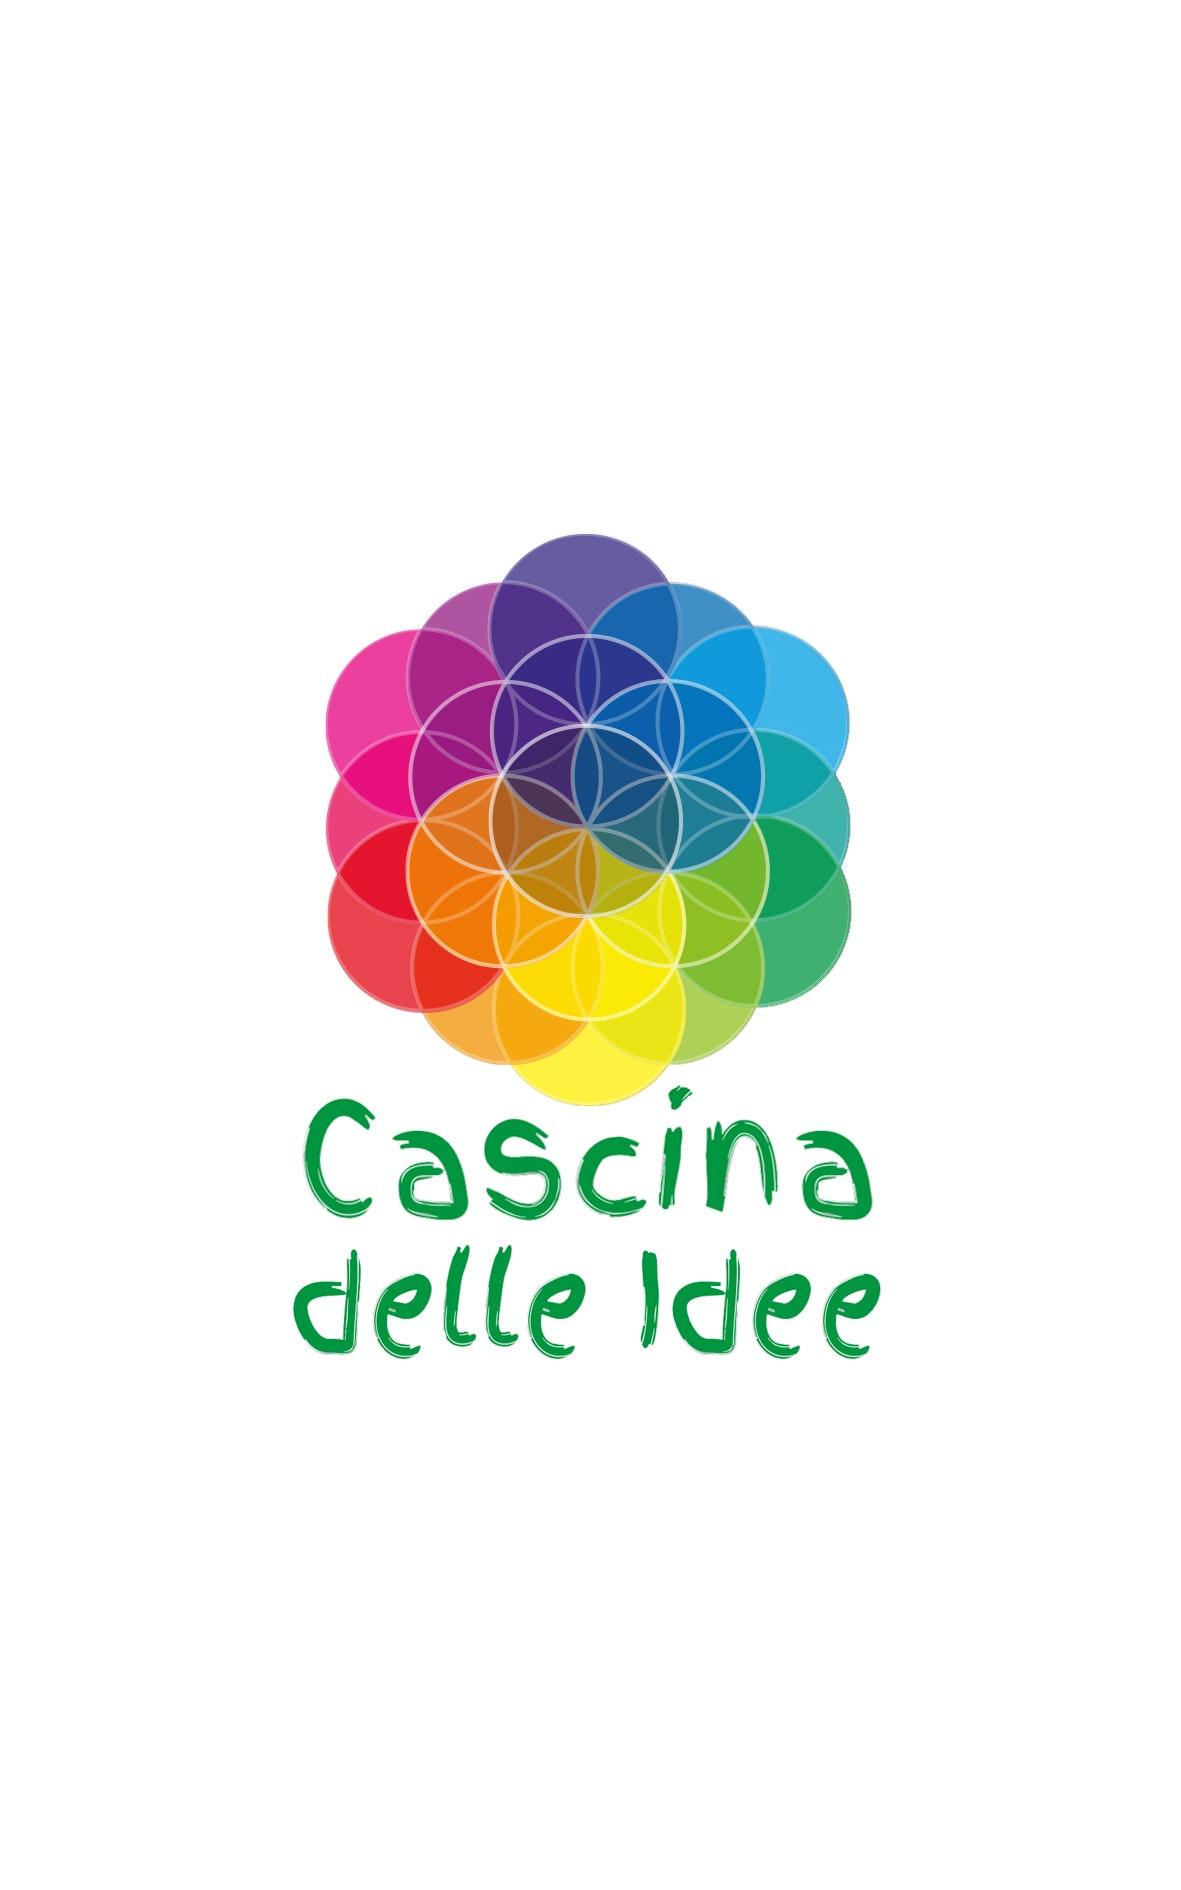 1464612700463954 logo tondo cascina delle idee